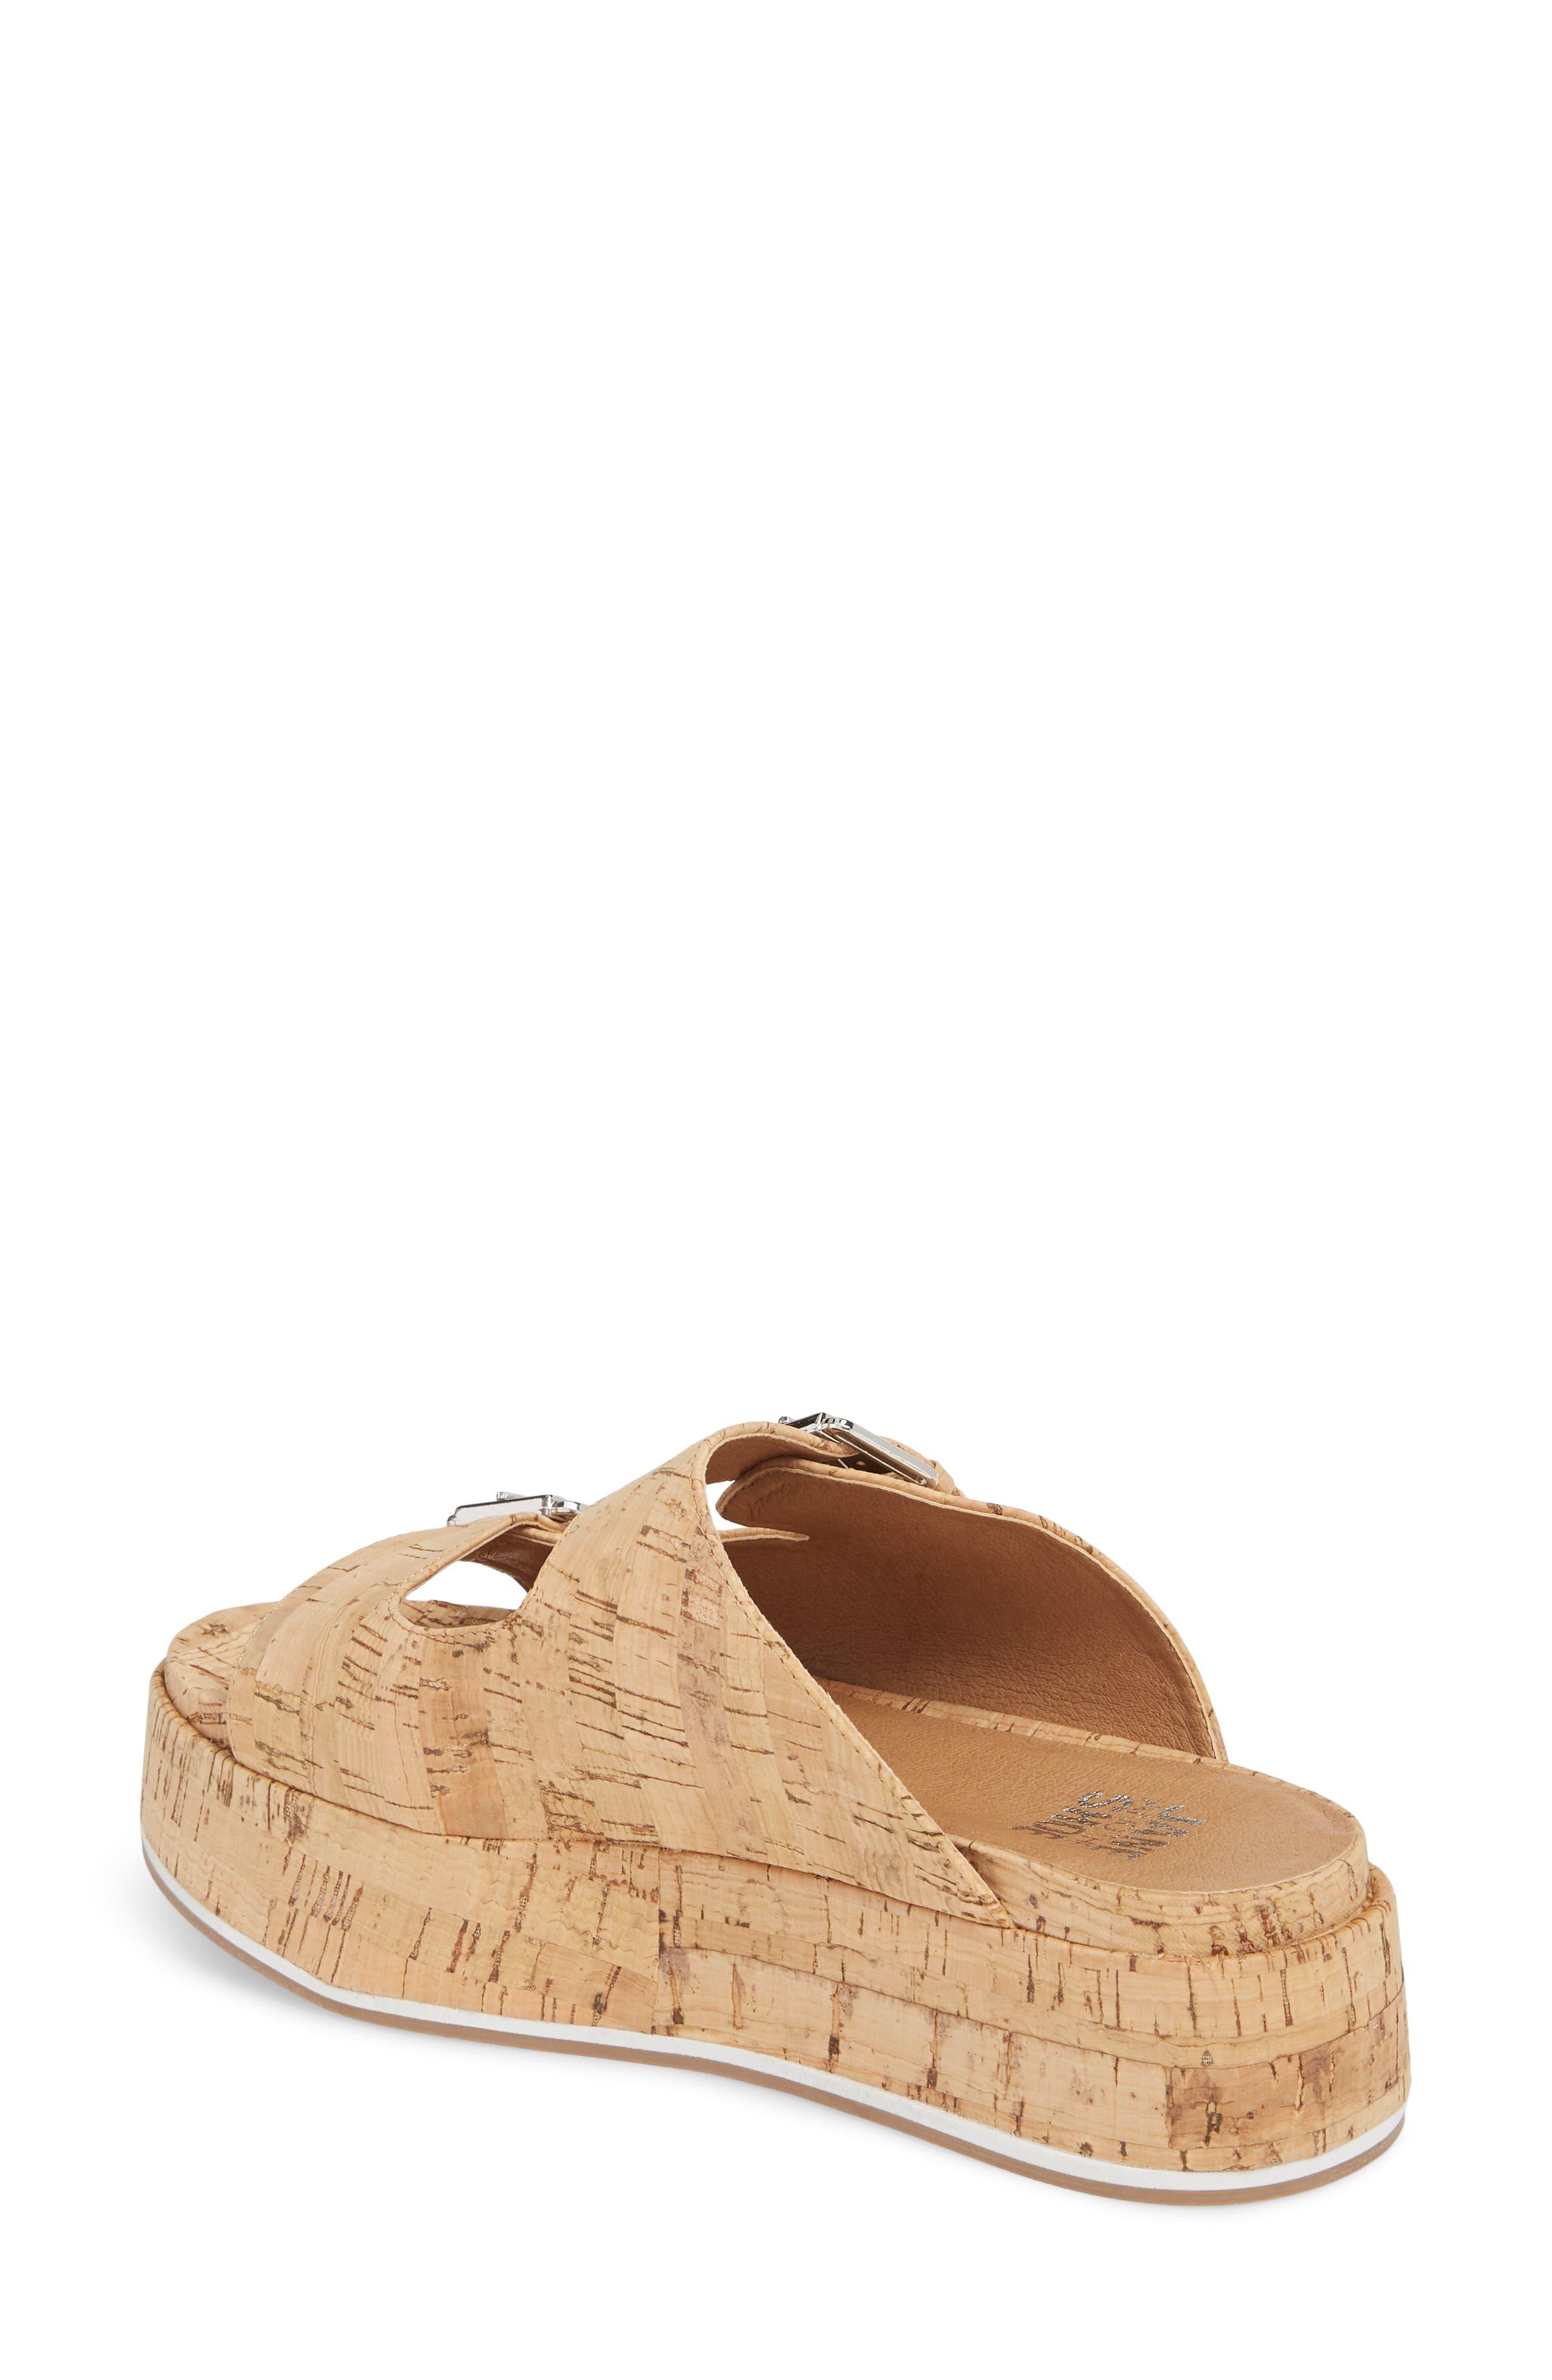 Jordan Two-Buckle Slide Sandal,                             Alternate thumbnail 9, color,